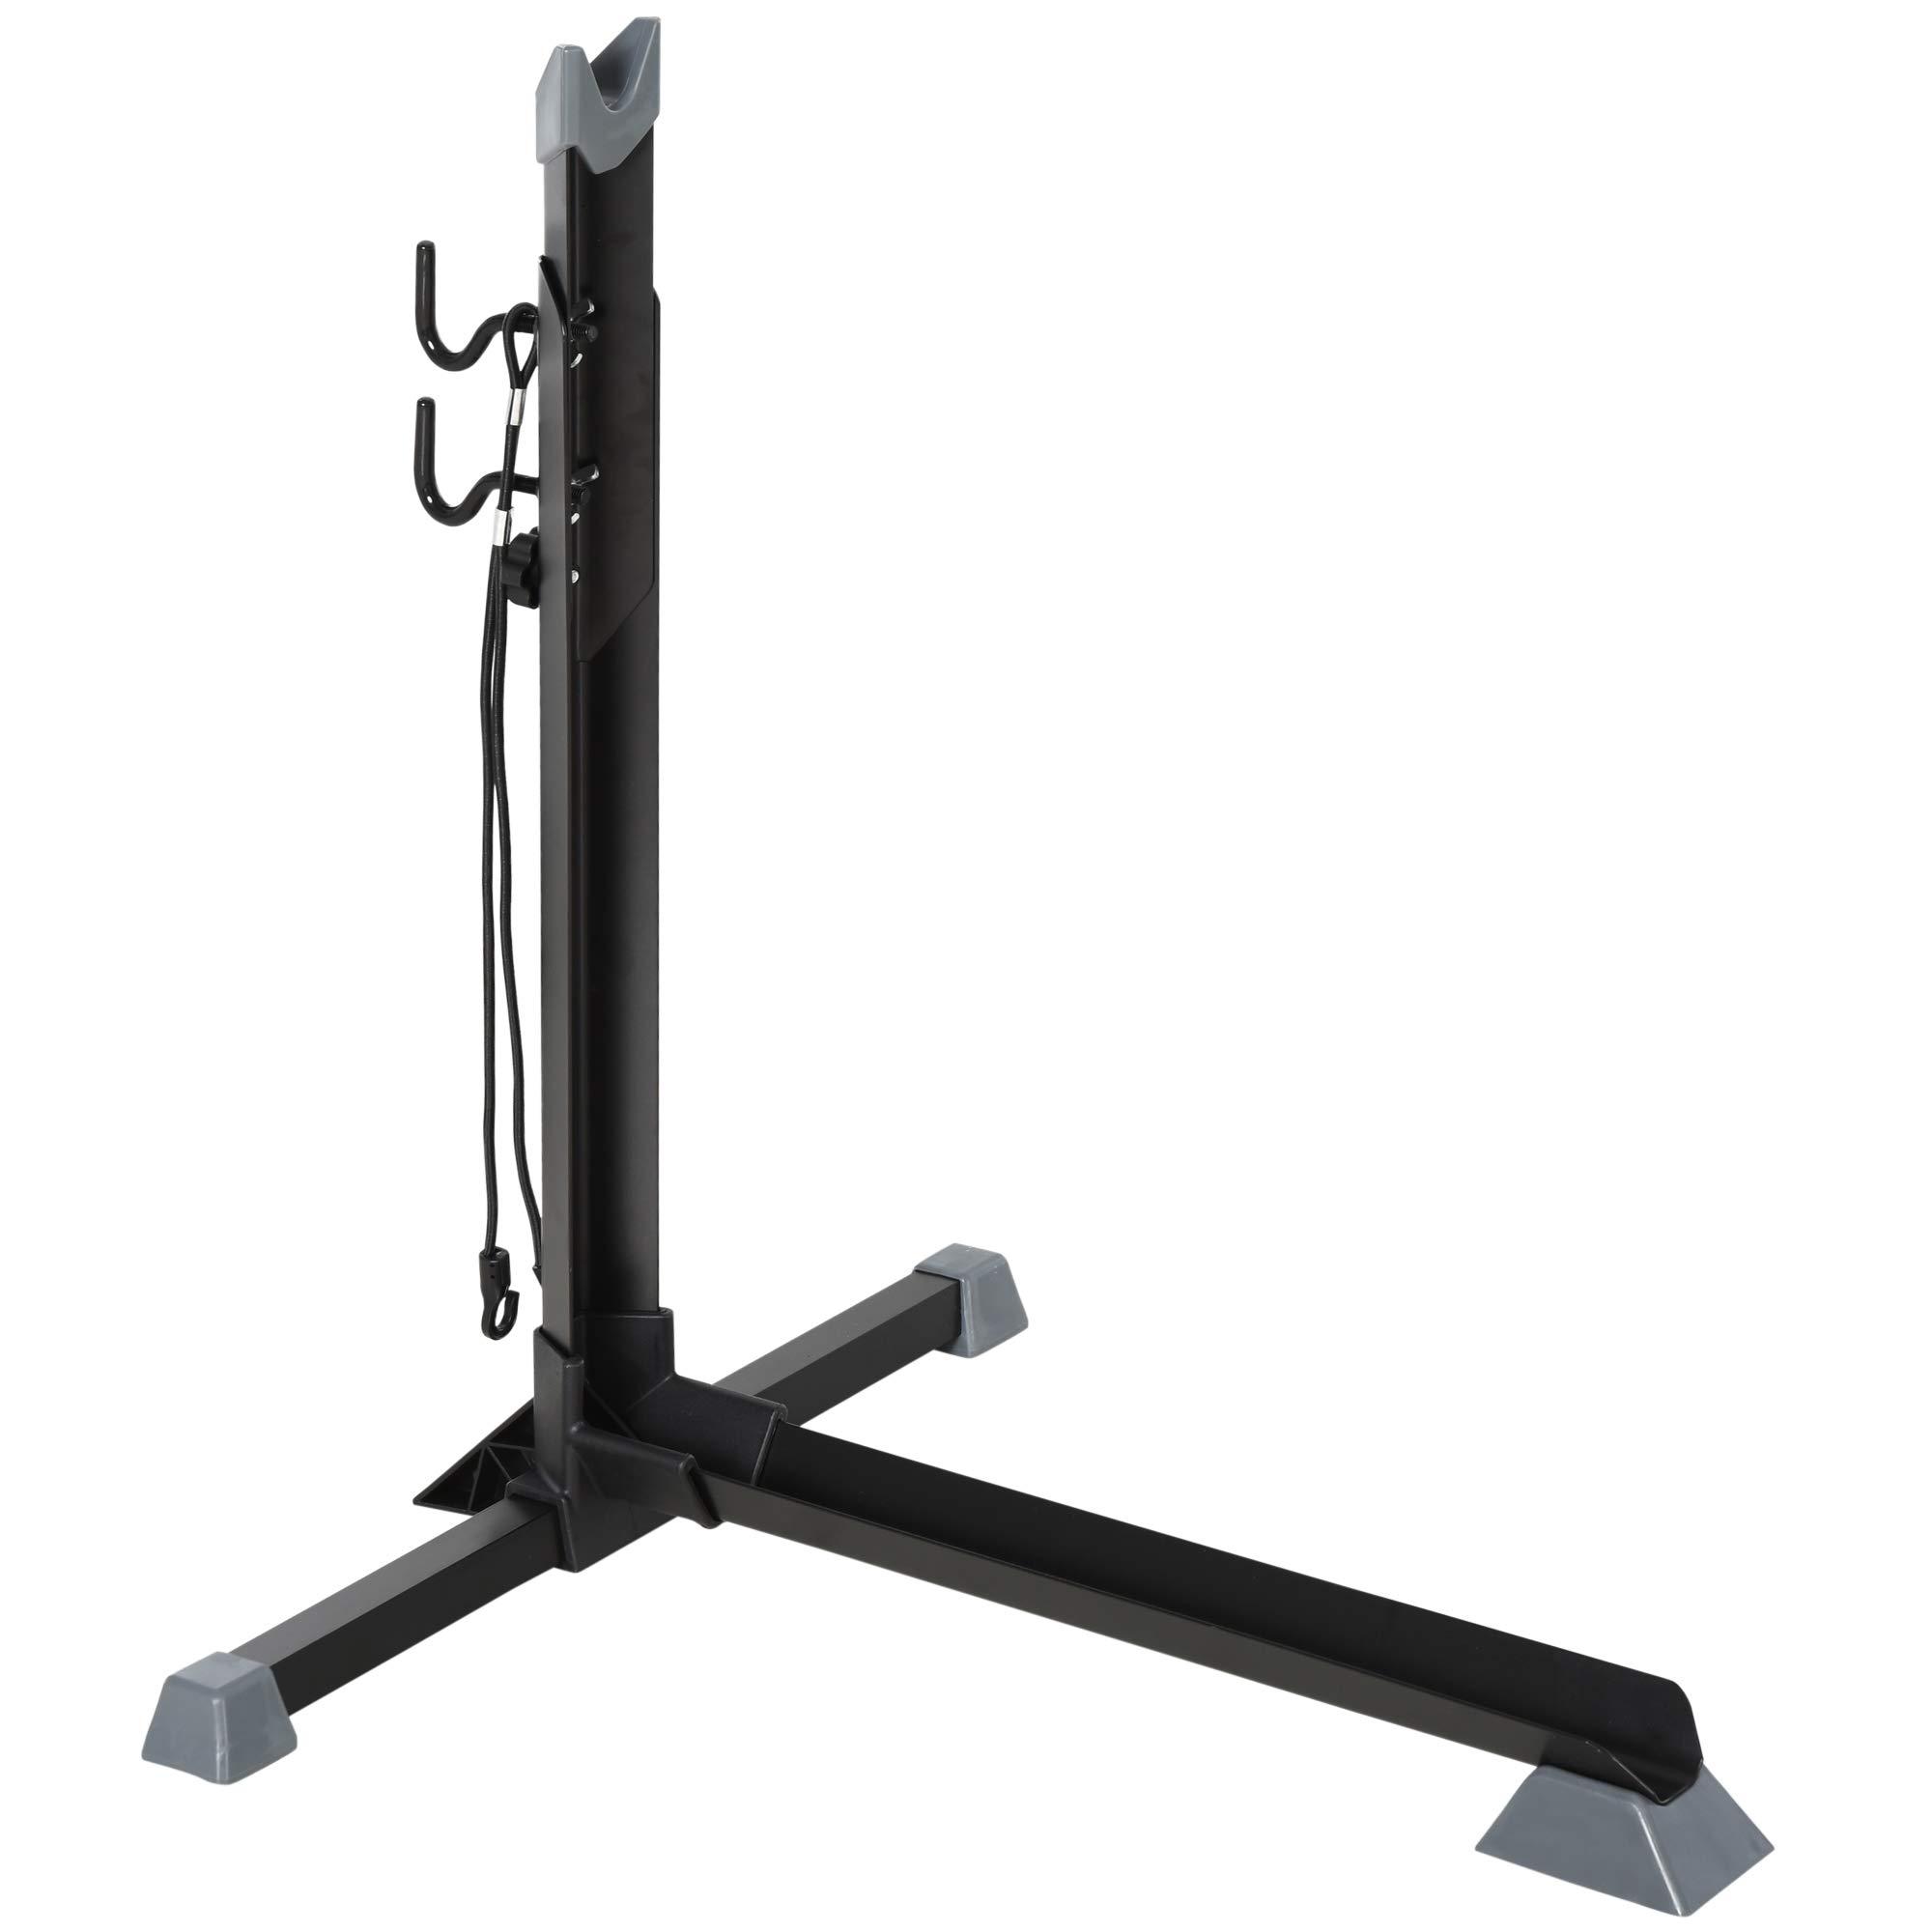 HOMCOM Soporte para Colocar Bicicleta en Vertical Caballete de Bicicleta Ajustable en Altura con Correa de Fijación Fácil de Transportar Soporta 30 kg 66x56x63-73,5 cm Negro: Amazon.es: Deportes y aire libre